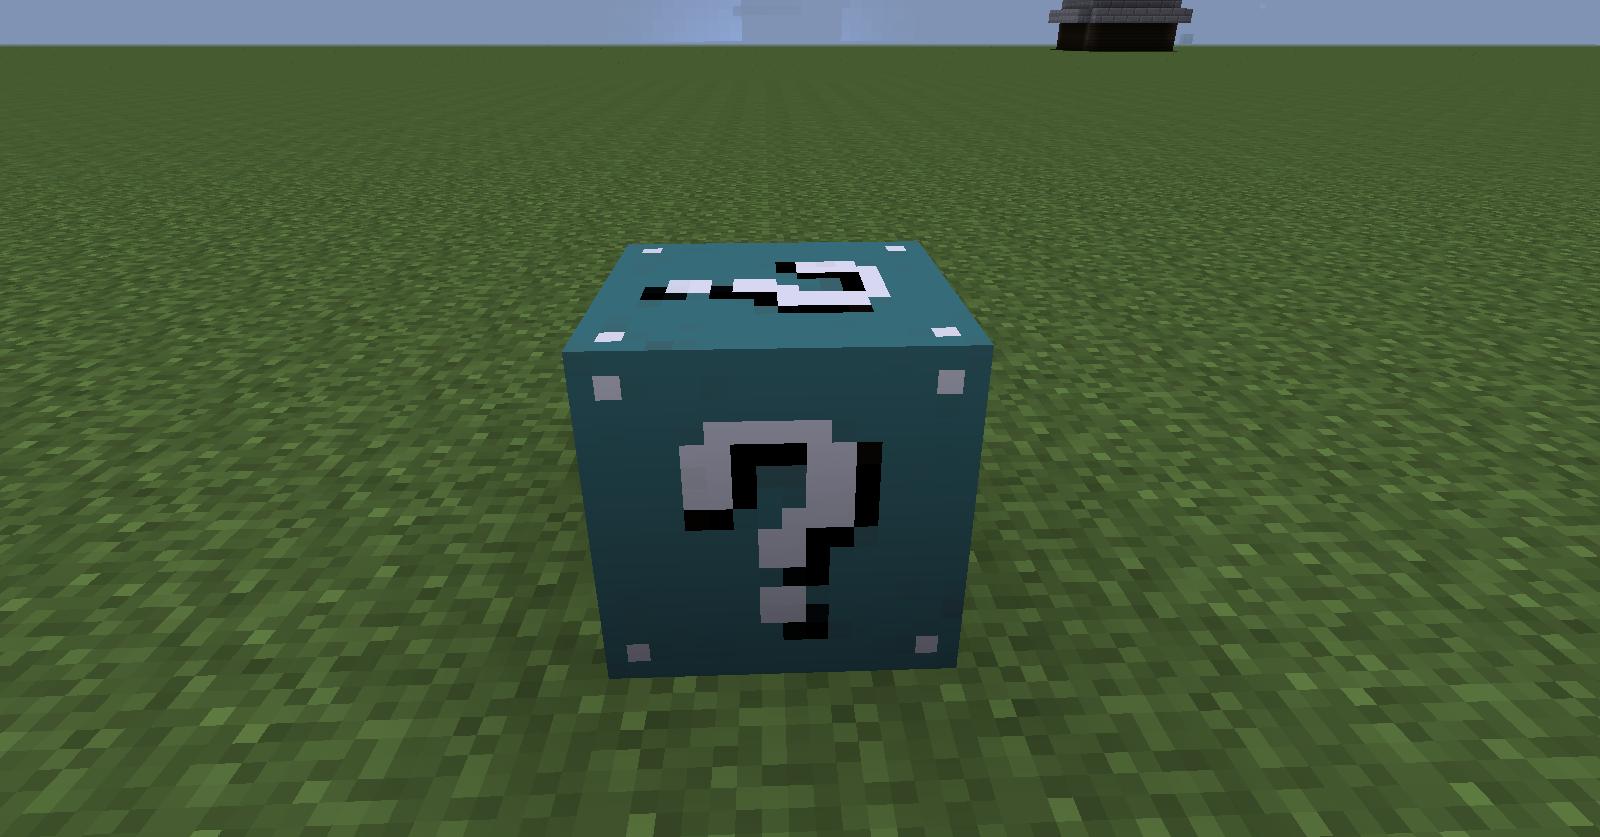 1 7 10] LUCKY BLOCK CYAN - Adds 20+ items! - Minecraft Mods